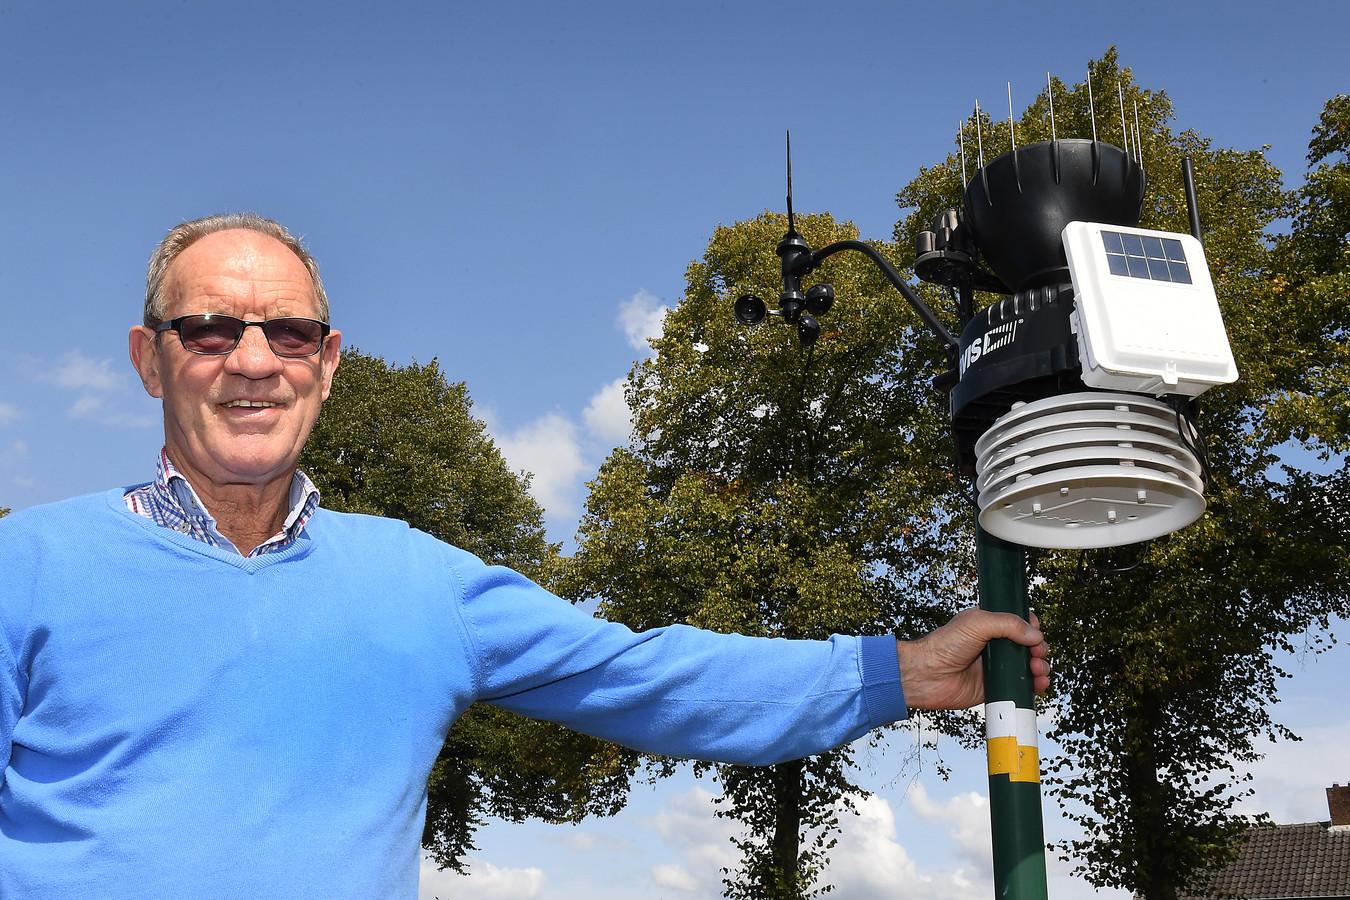 Regionaal weerdeskundige Bert Vloet bij een van zijn weerstations.